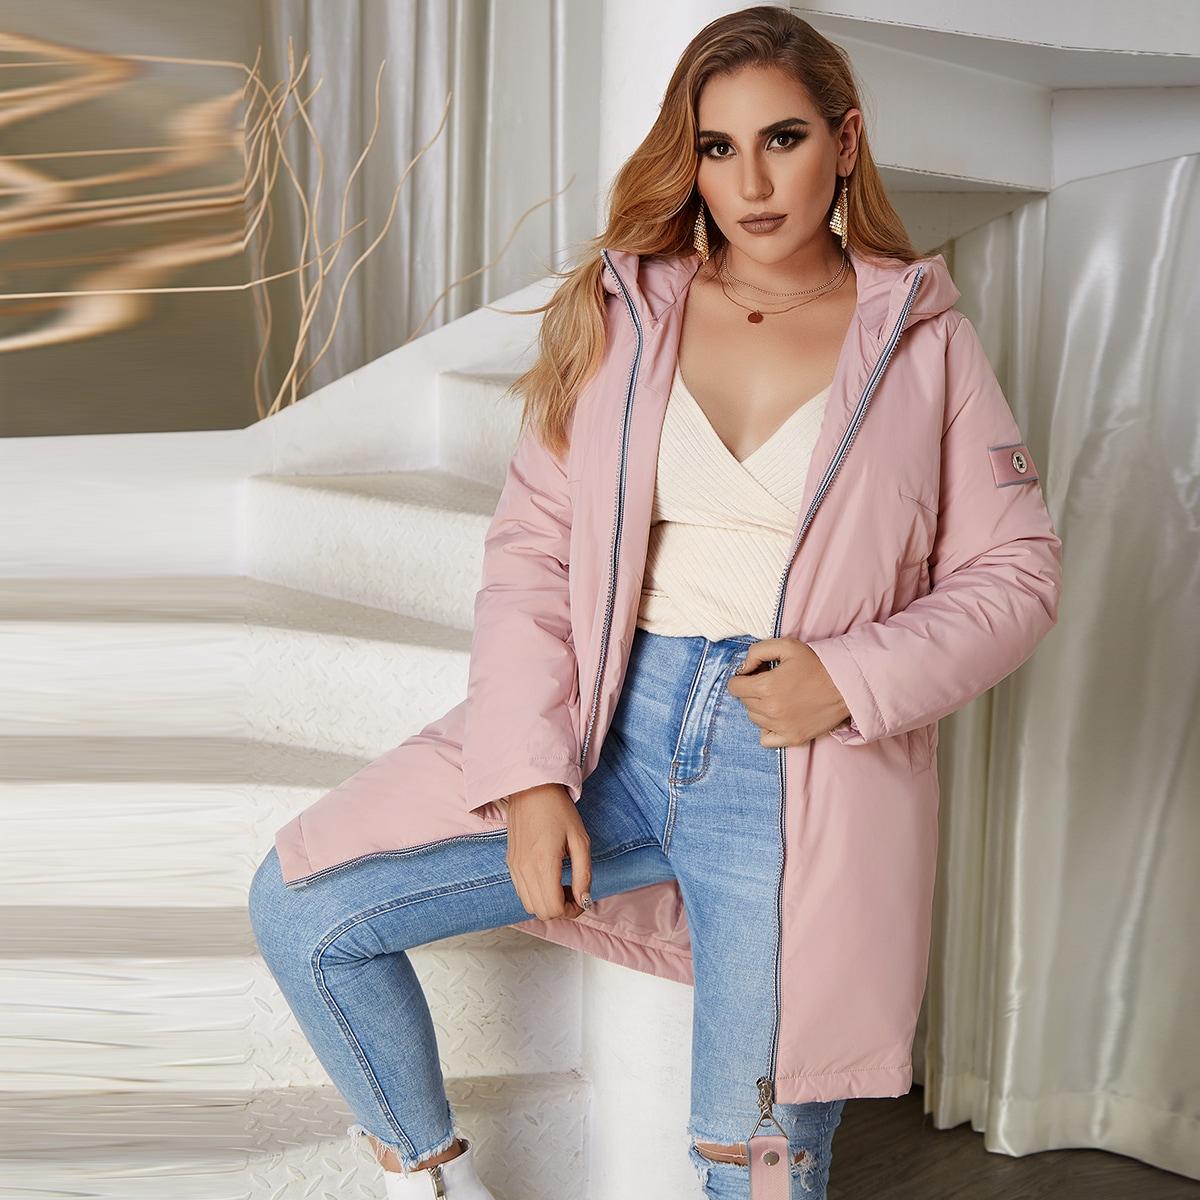 Astrid Стеганое пальто на молнии с капюшоном размера плюс